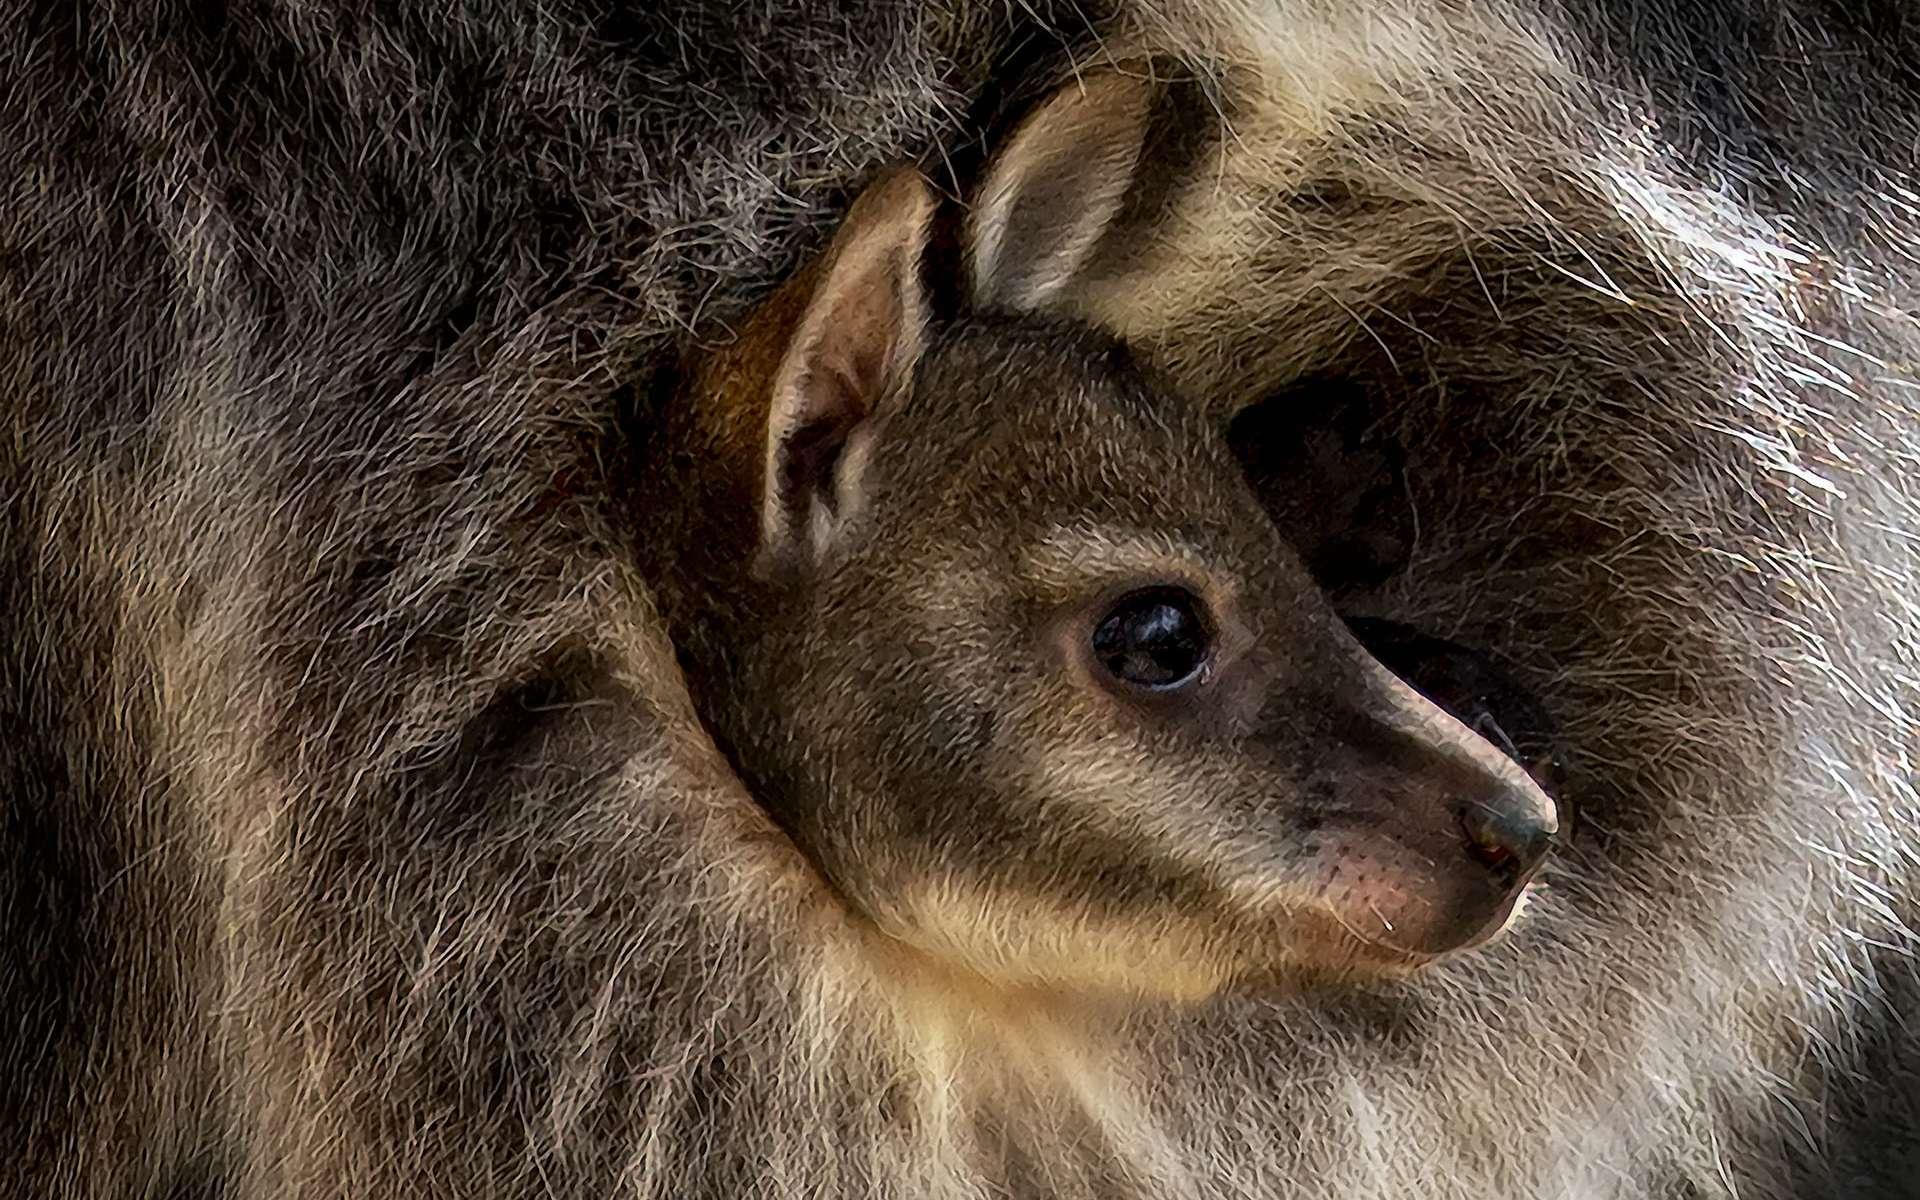 Le wallaby est un marsupial que l'on trouve en Australie. Comme le kangourou, son cousin, il termine son développement embryonnaire dans la poche de sa mère. Ainsi, dès 4 semaines de gestation, le wallaby vient au monde et suit lentement un chemin de salive laissé par sa mère pour le conduire jusqu'à la fameuse poche. De fait, la femelle wallaby, comme la femelle kangourou, ne porte toujours qu'un seul petit par grossesse.Toutefois, le wallaby est plus petit que le kangourou. Et son corps, plus compact, lui permet de se déplacer dans la forêt avec agilité. Mais il vit un peu moins longtemps — moins de 15 ans — que son cousin. © Pedro Jarque Krebs, tous droits réservés